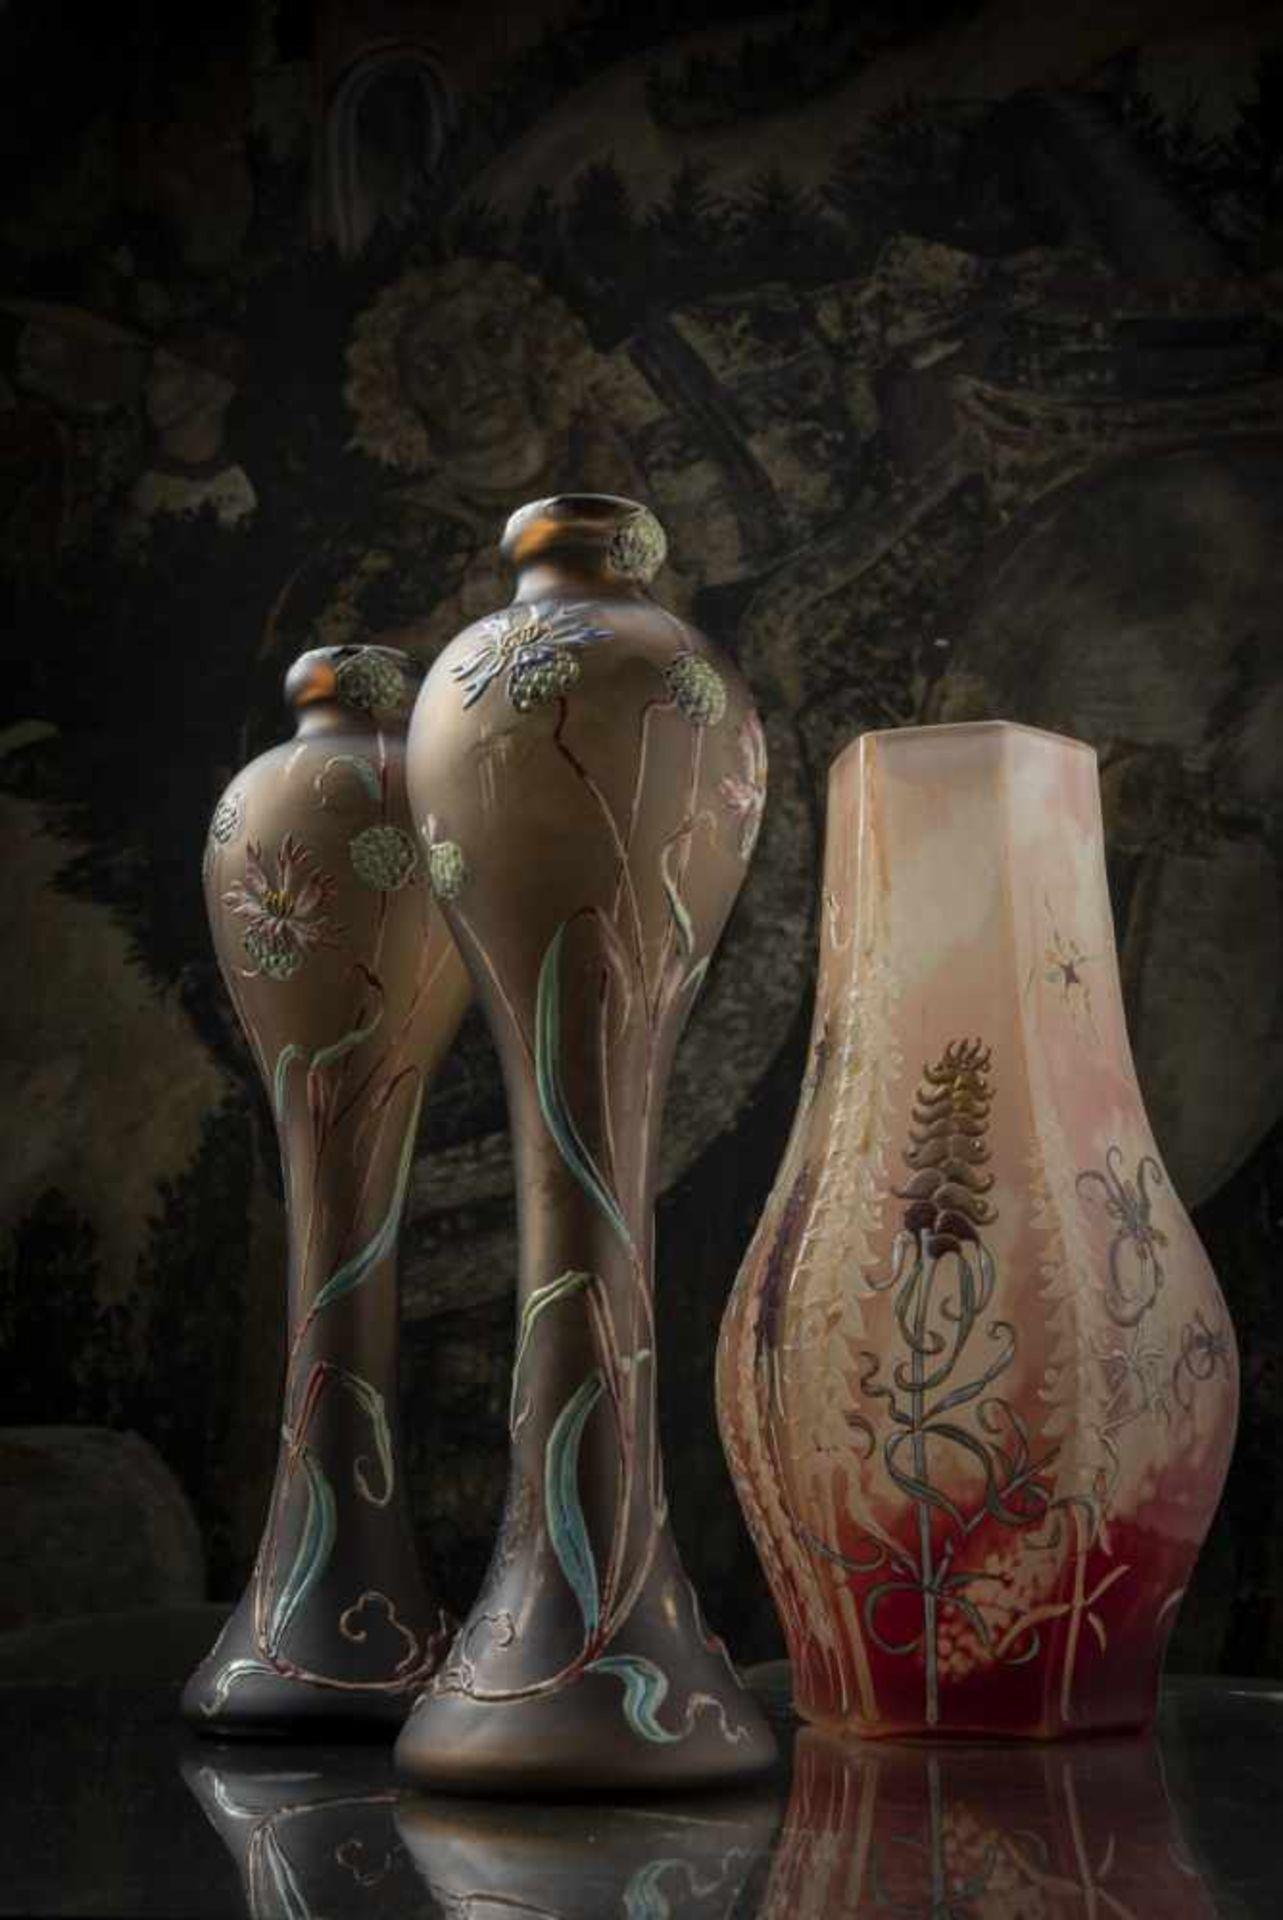 Verrerie d'Art de Lorraine, Burgun Schverer & Cie., Meisenthal, Pair of vases 'Bleuets', c. 1895- - Bild 4 aus 13